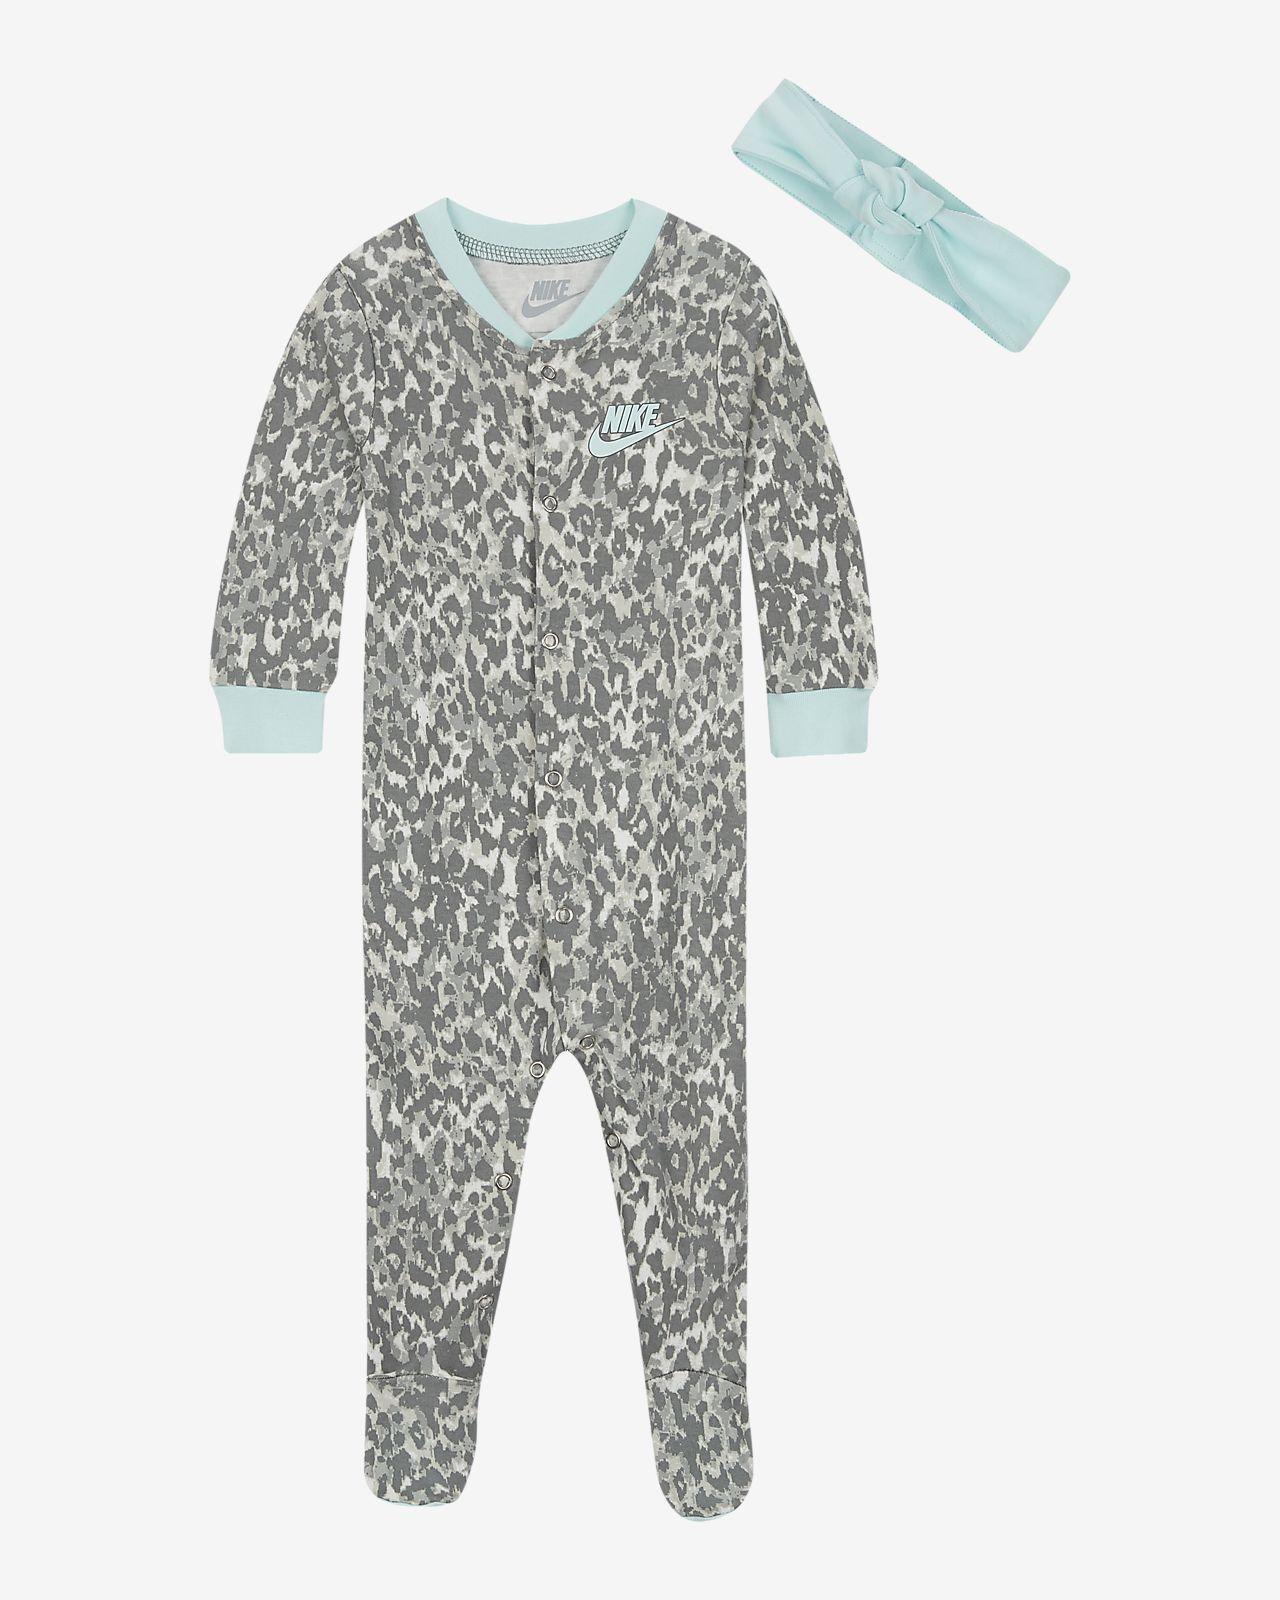 Nike-sæt med heldragt og pandebånd til babyer (0-9 M)